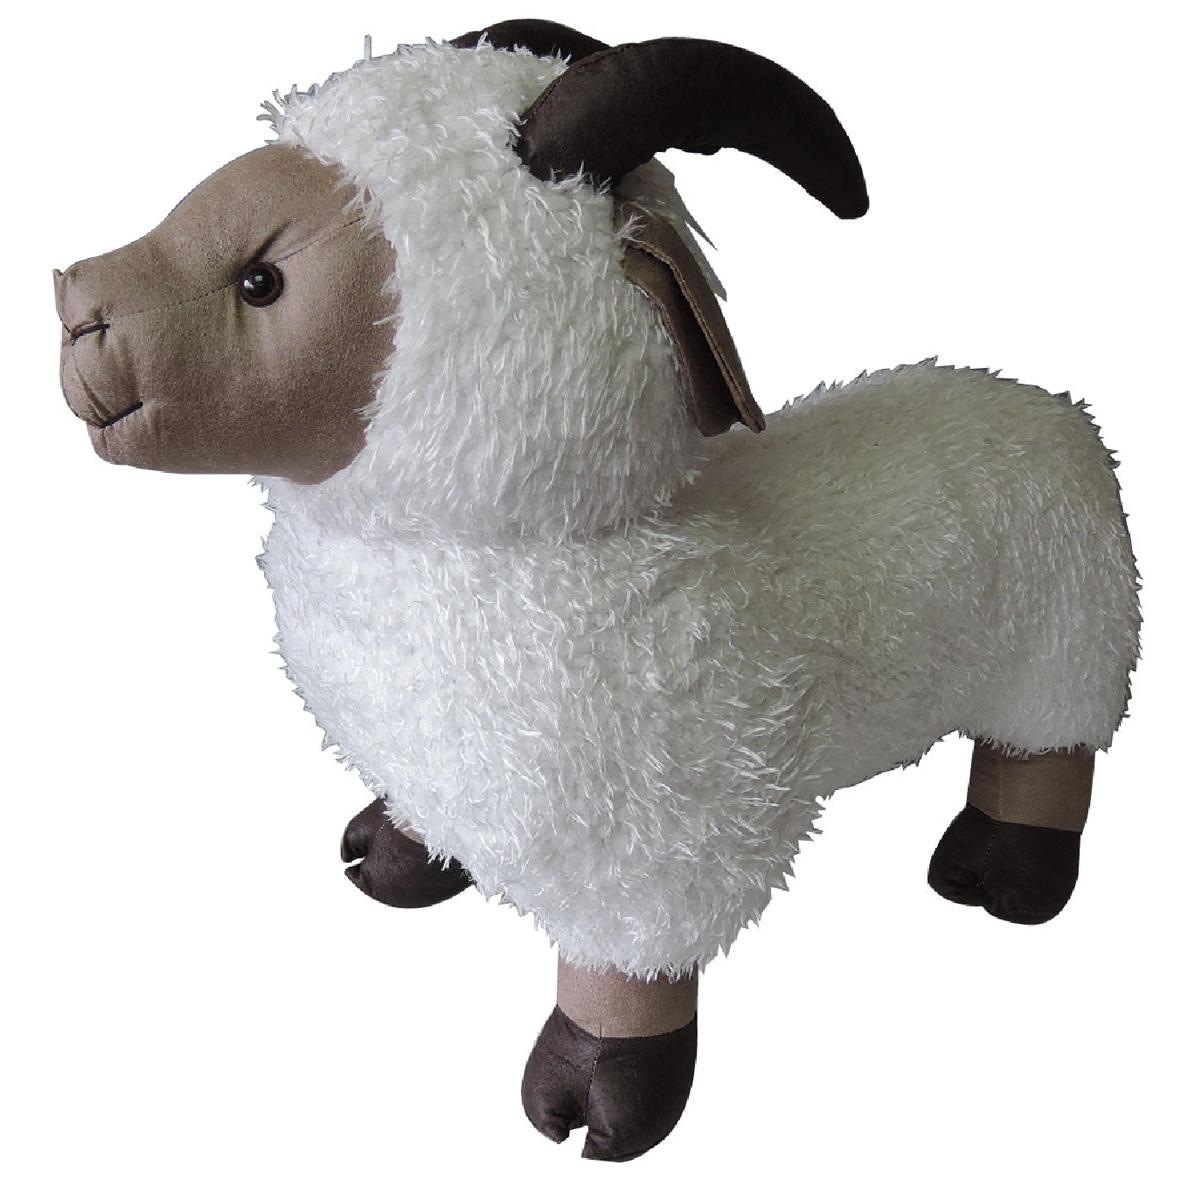 ドアストッパー(羊)